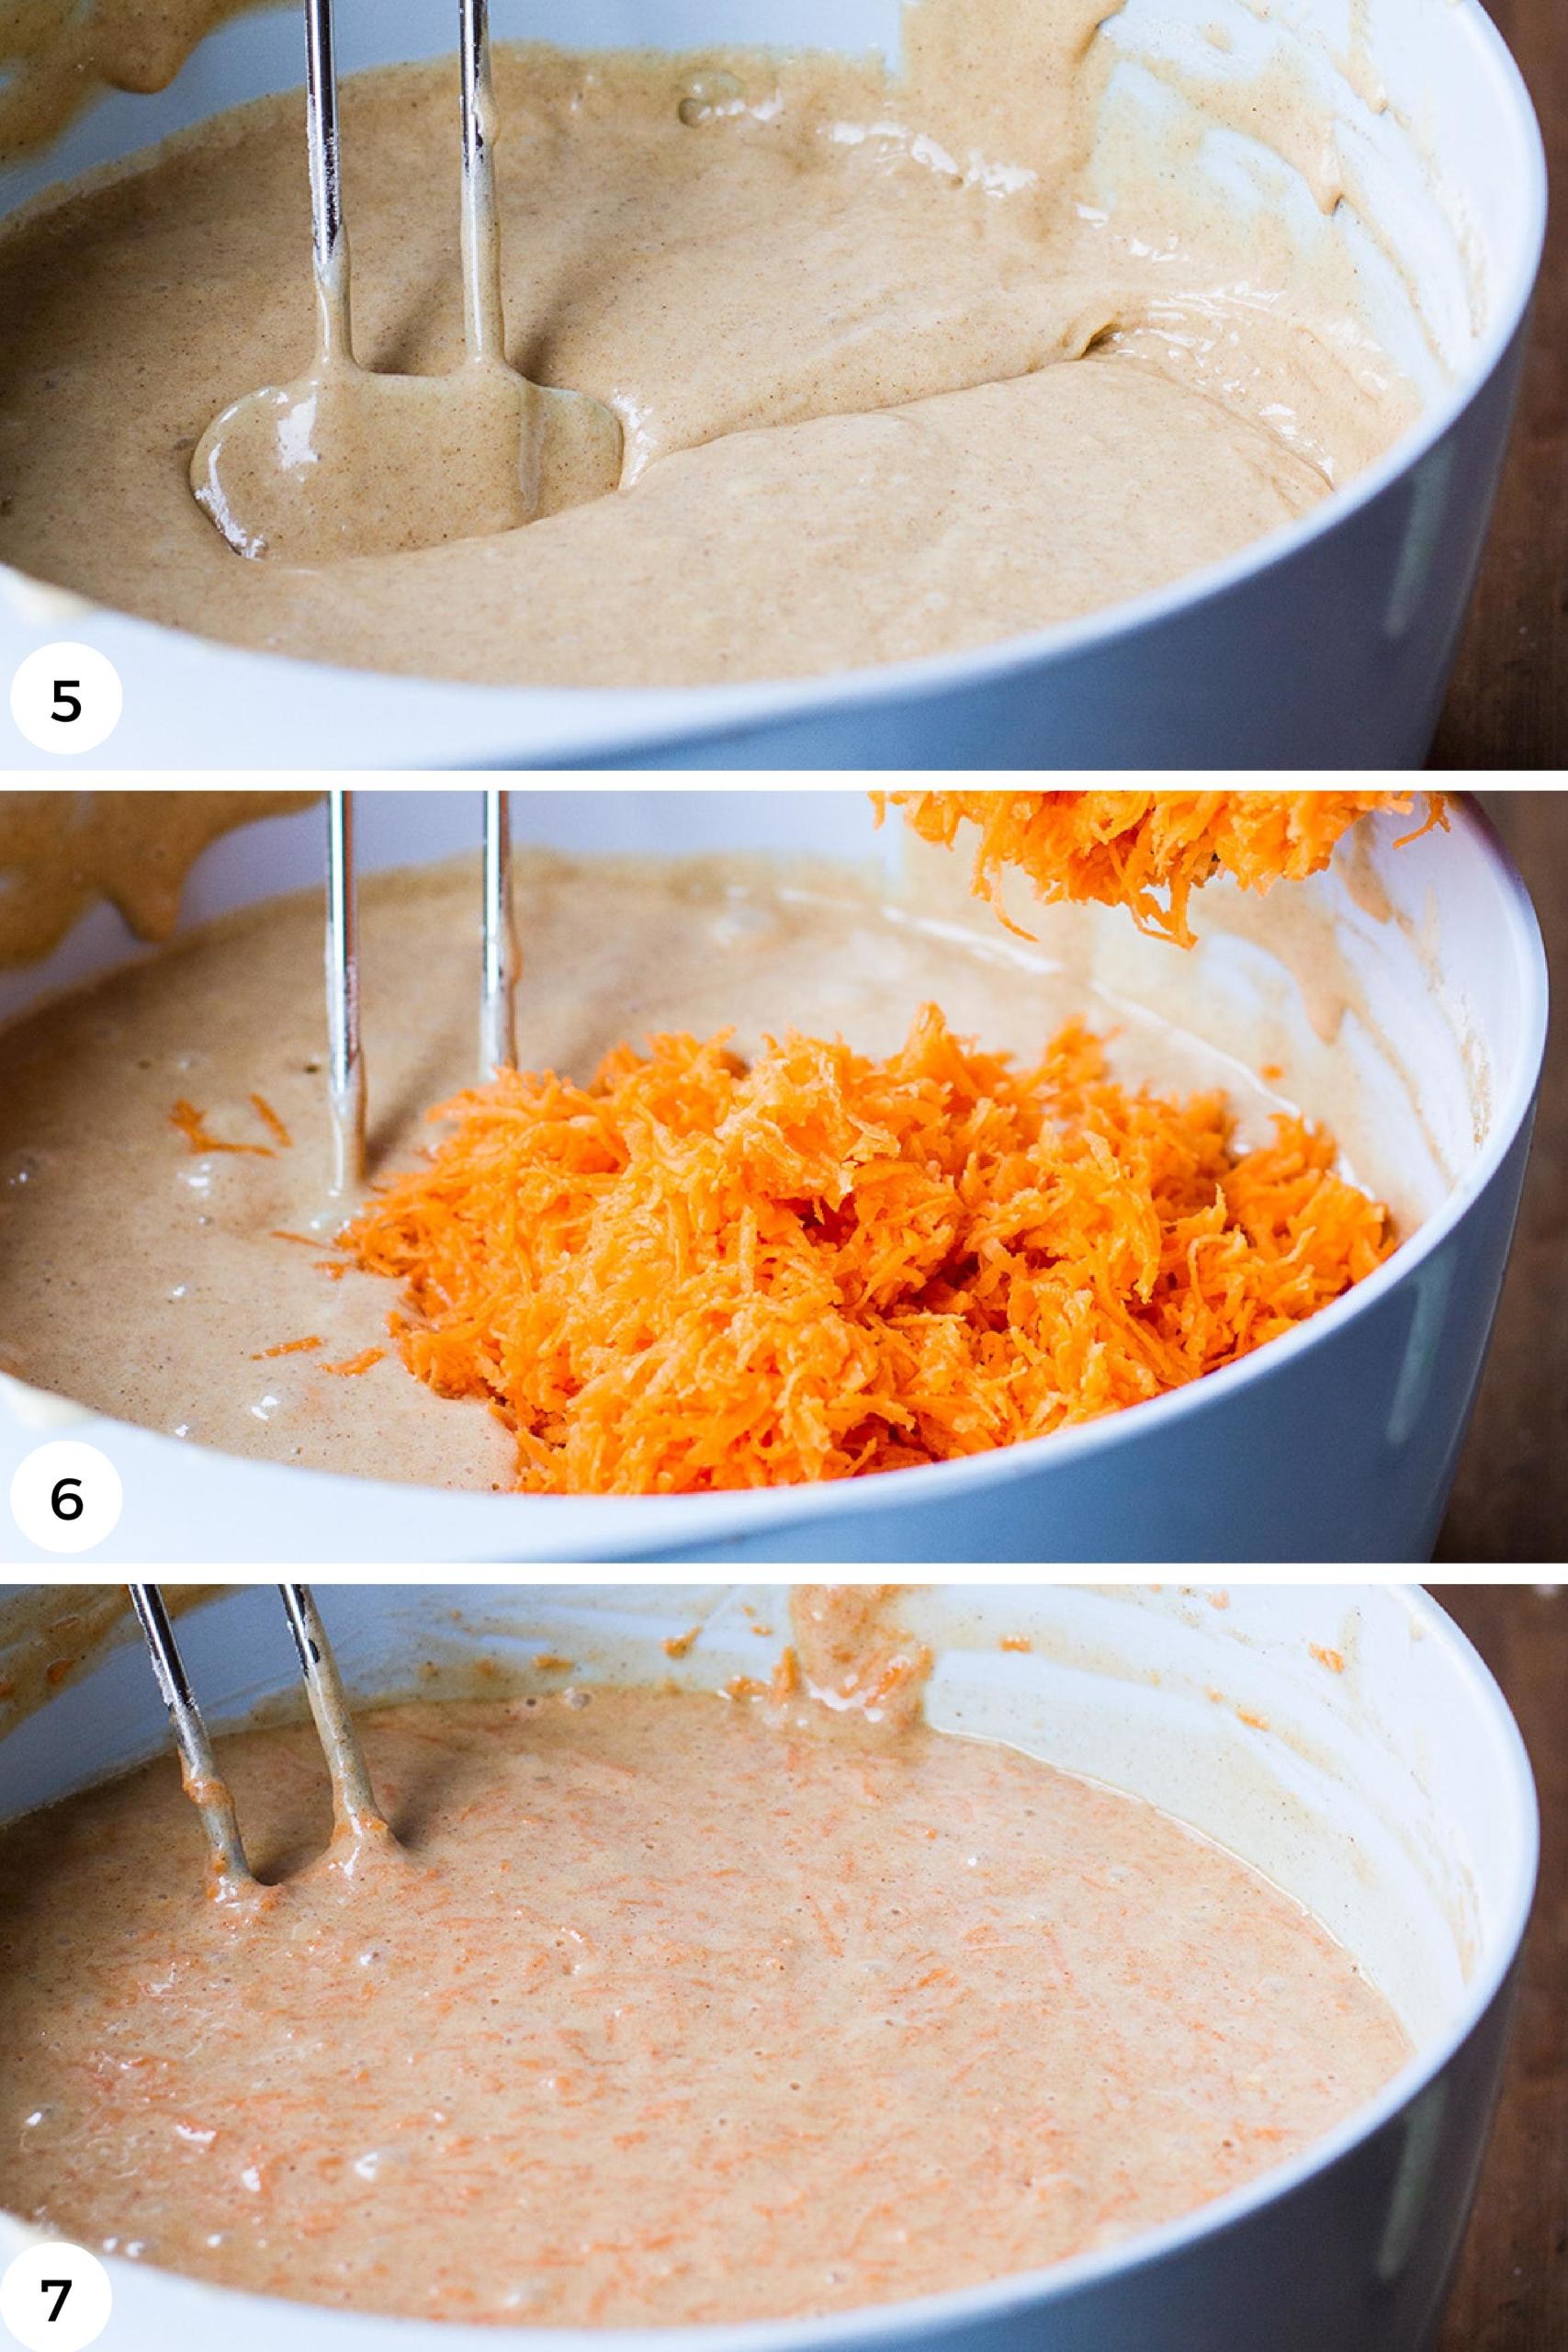 Adding shredded carrot to the cake batter.